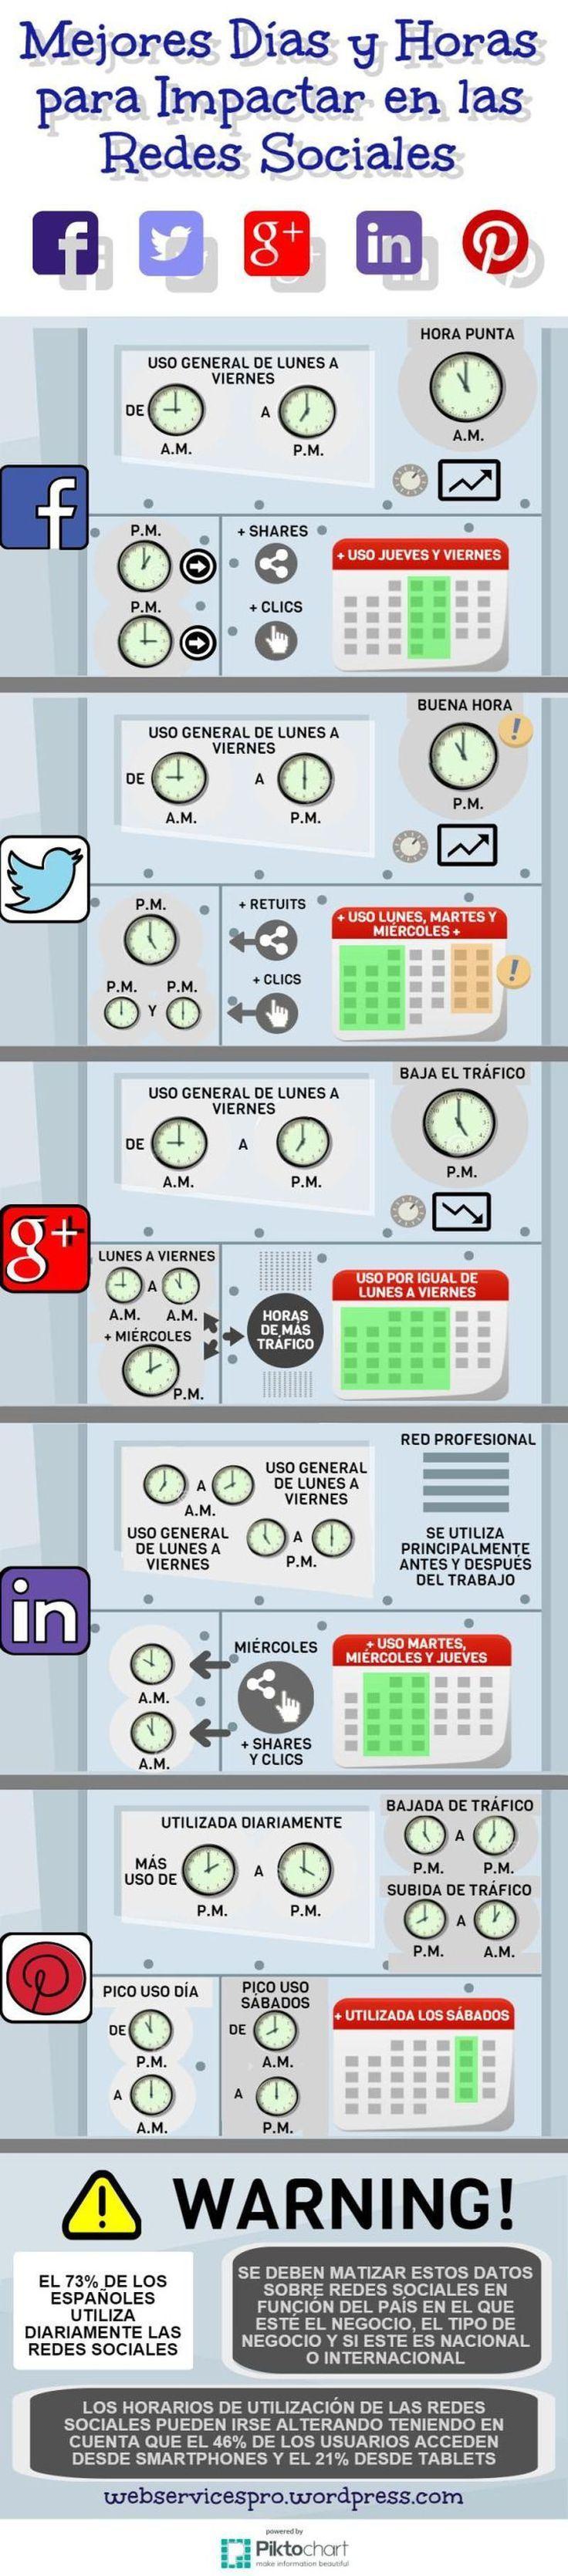 Los mejores días y horas para lograr impactar en Redes…